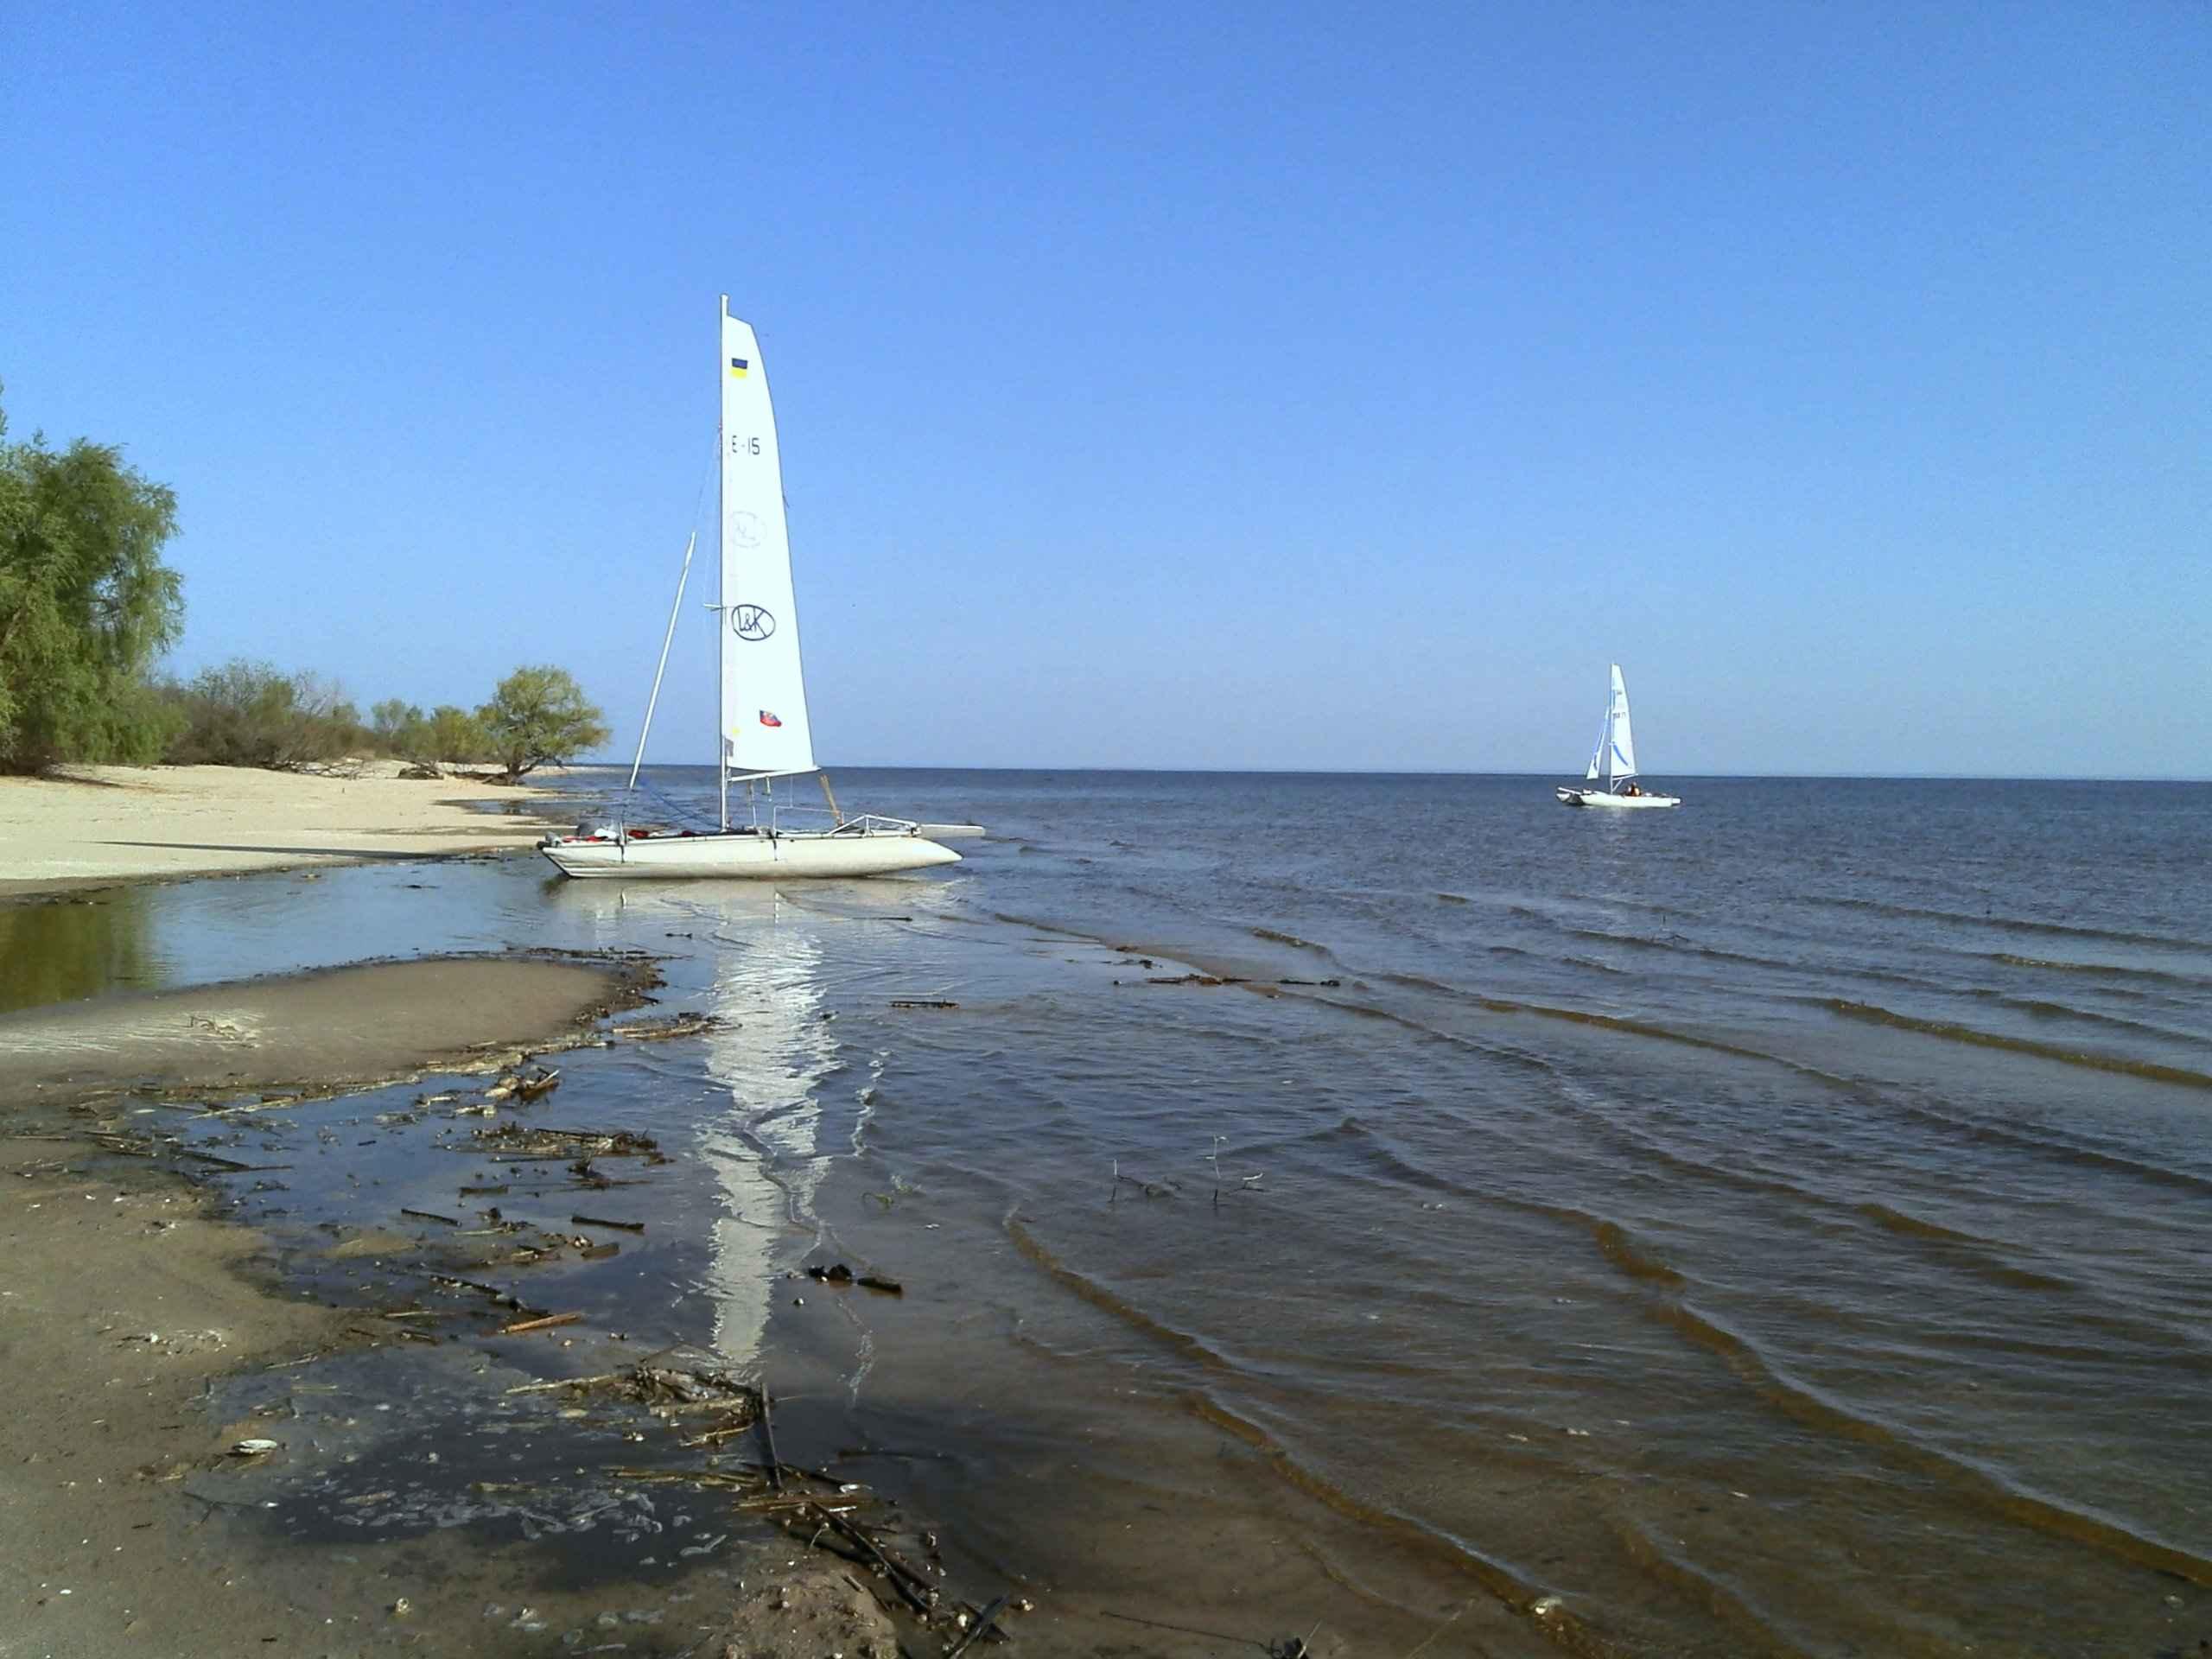 река Днепр где находится